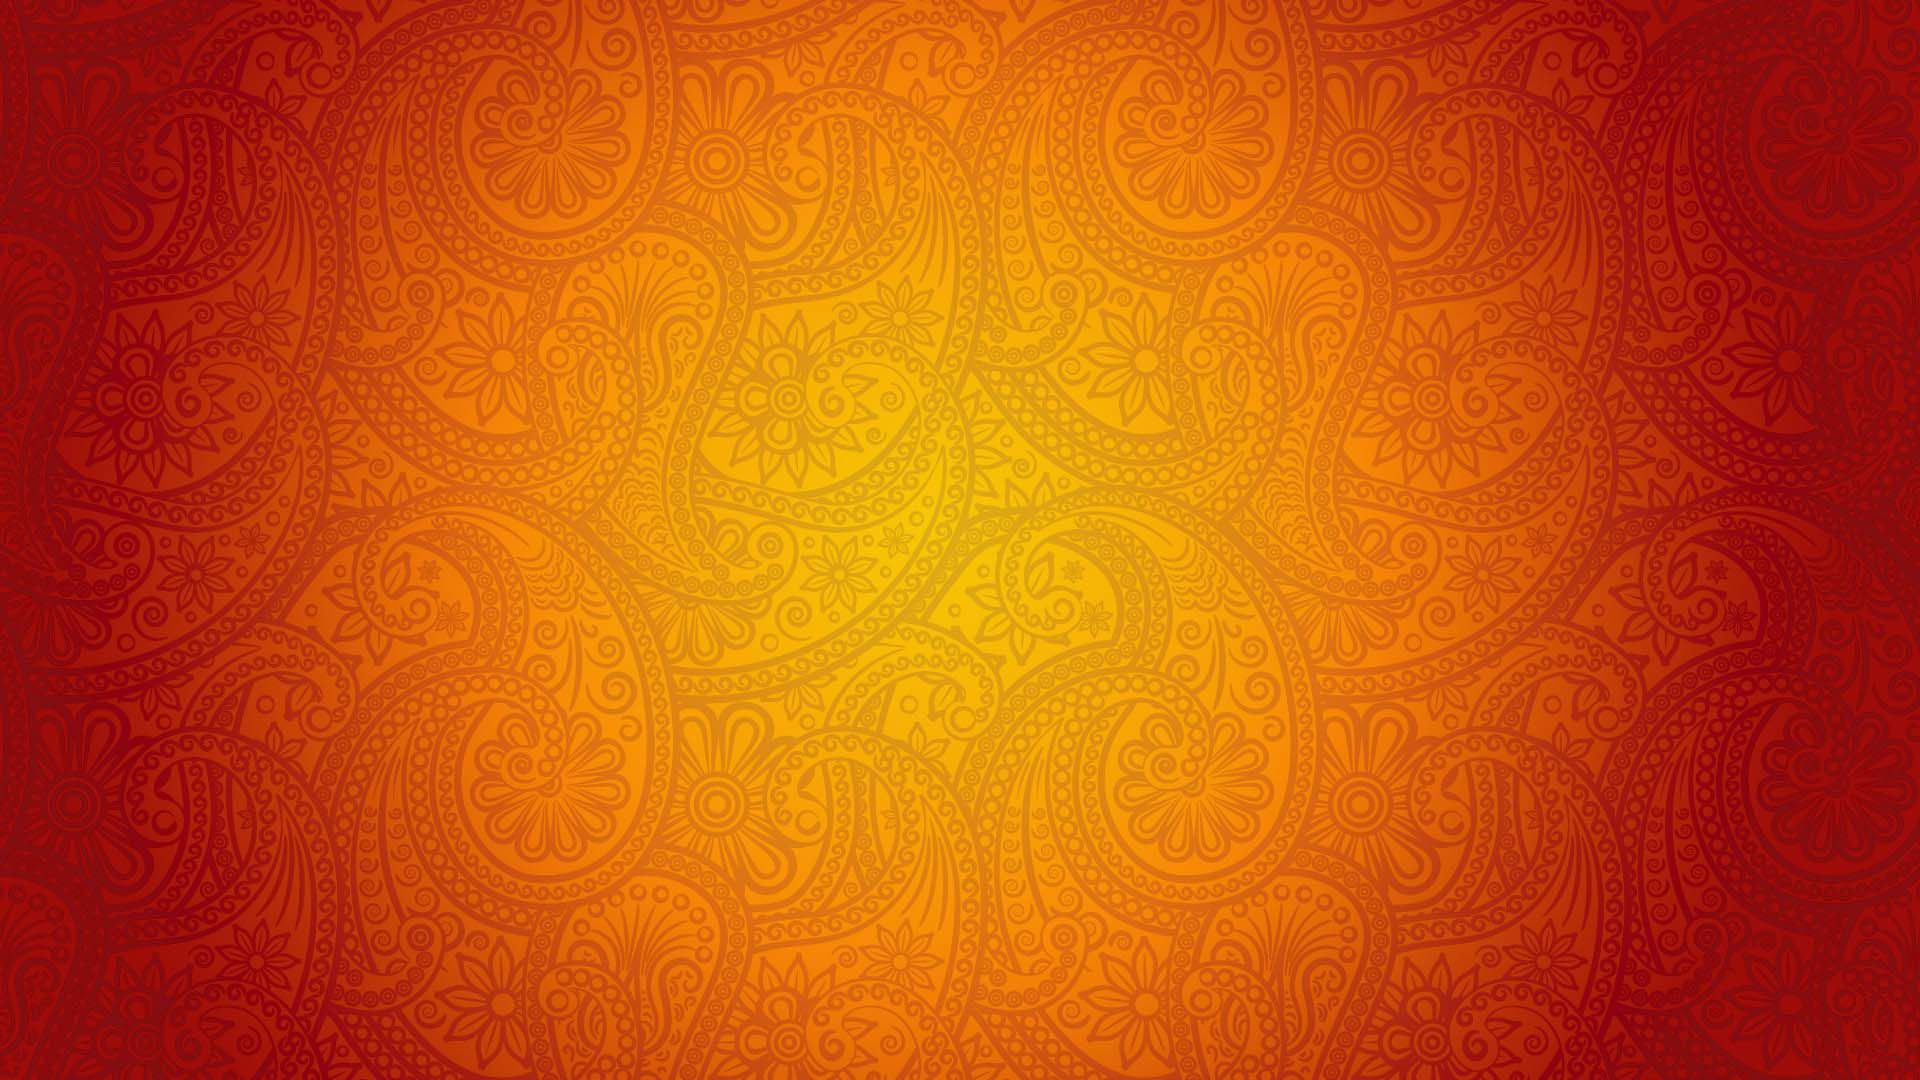 Orange Wallpaper 16   1920 X 1080 stmednet 1920x1080